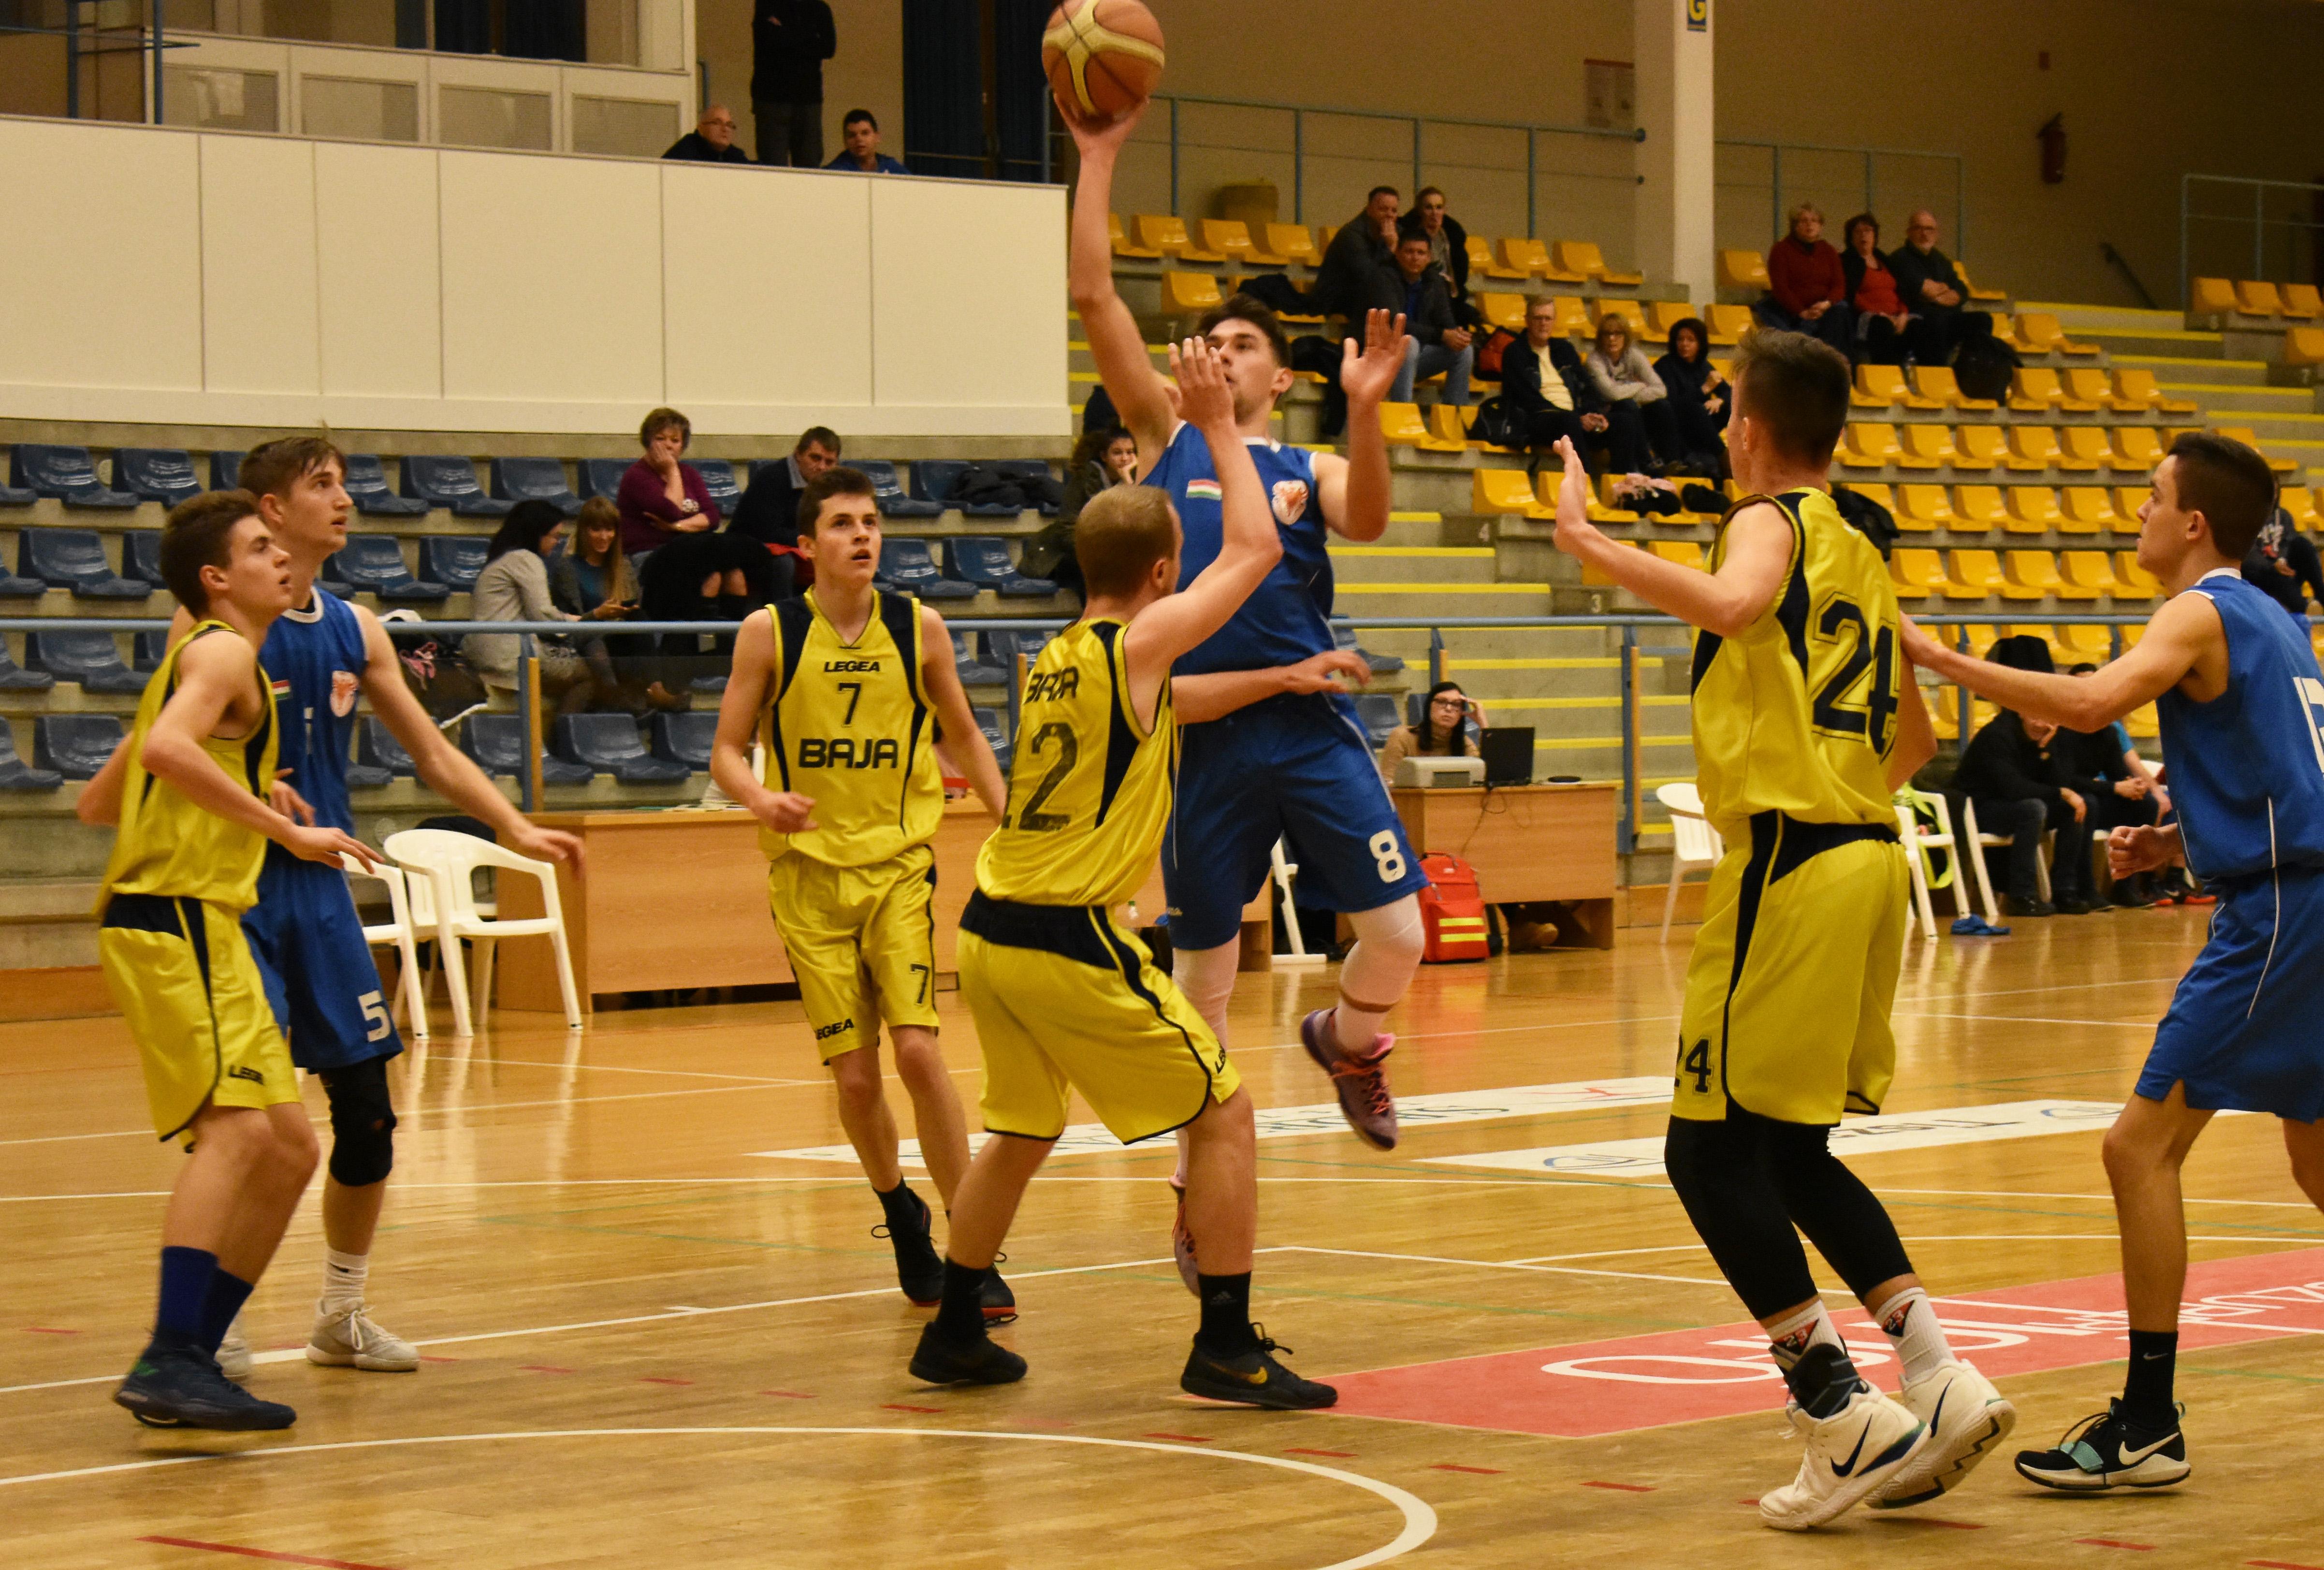 kosárlabda kereskedés)